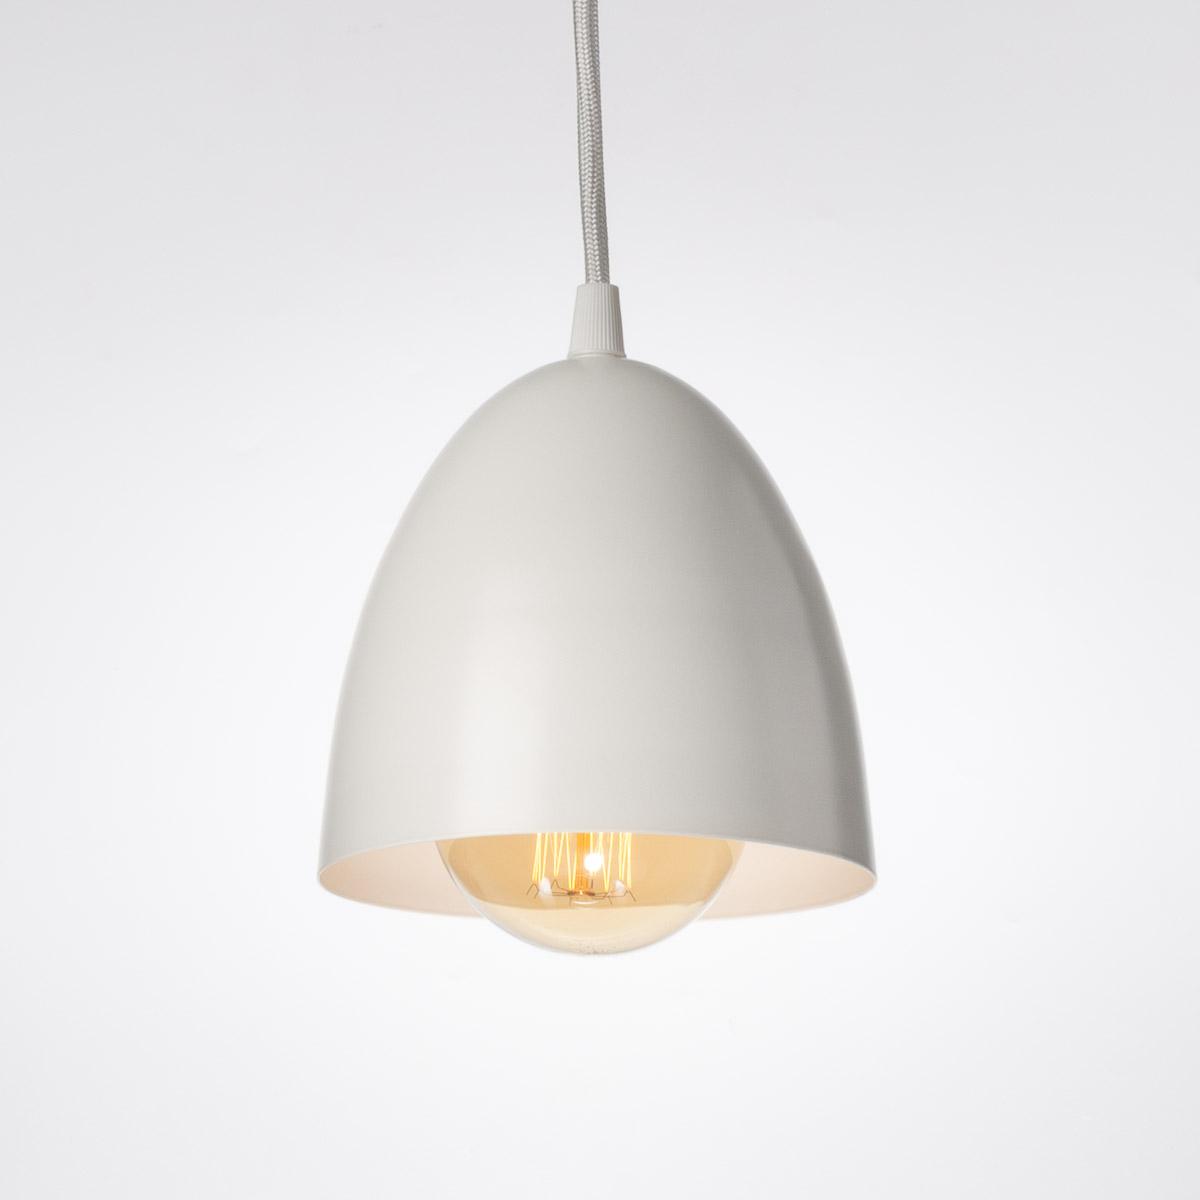 Потолочный светильник Wilma белый